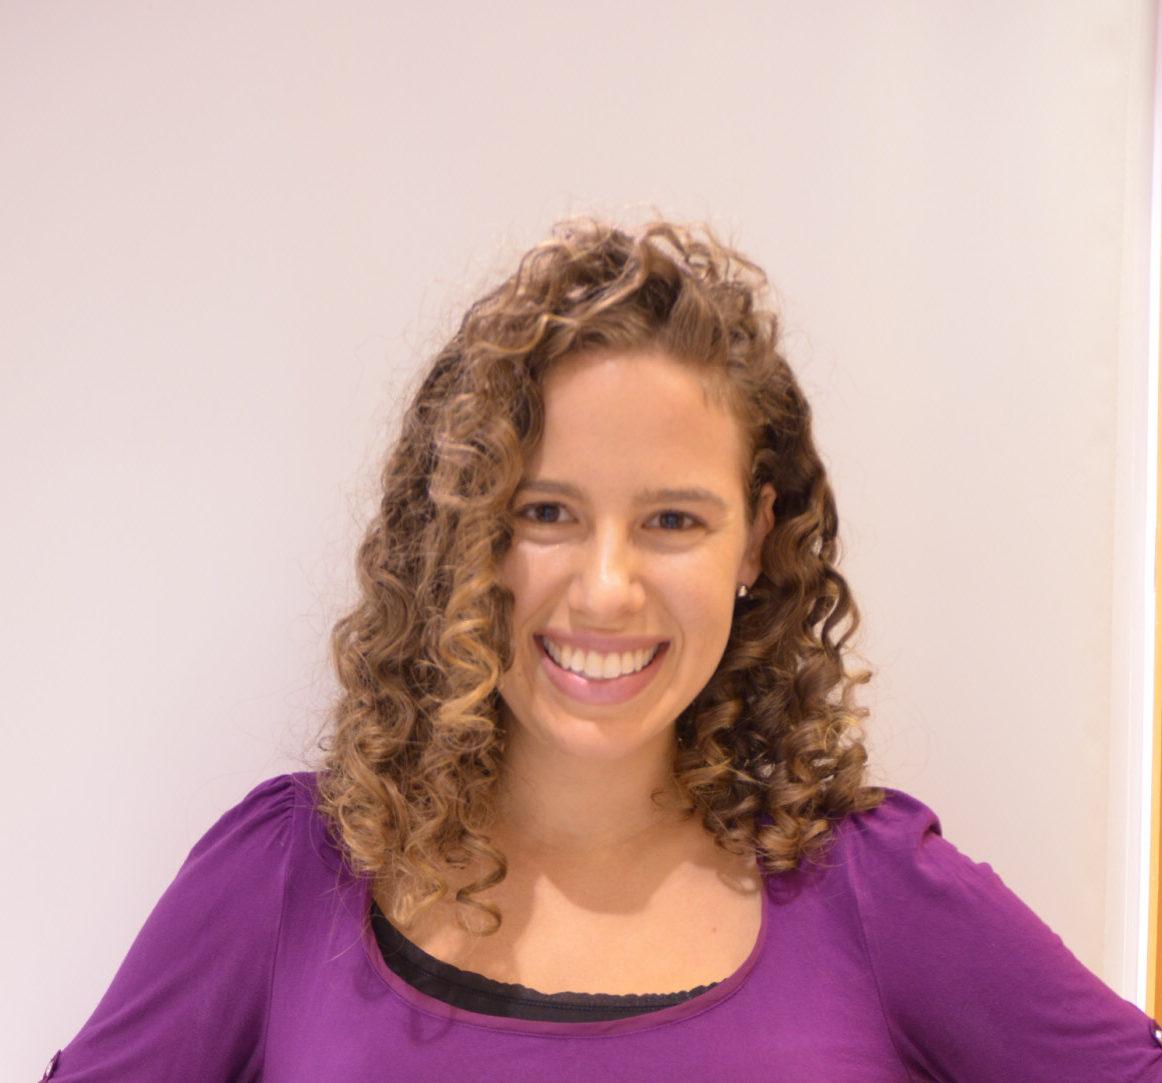 Mimi Arbeit, PhD